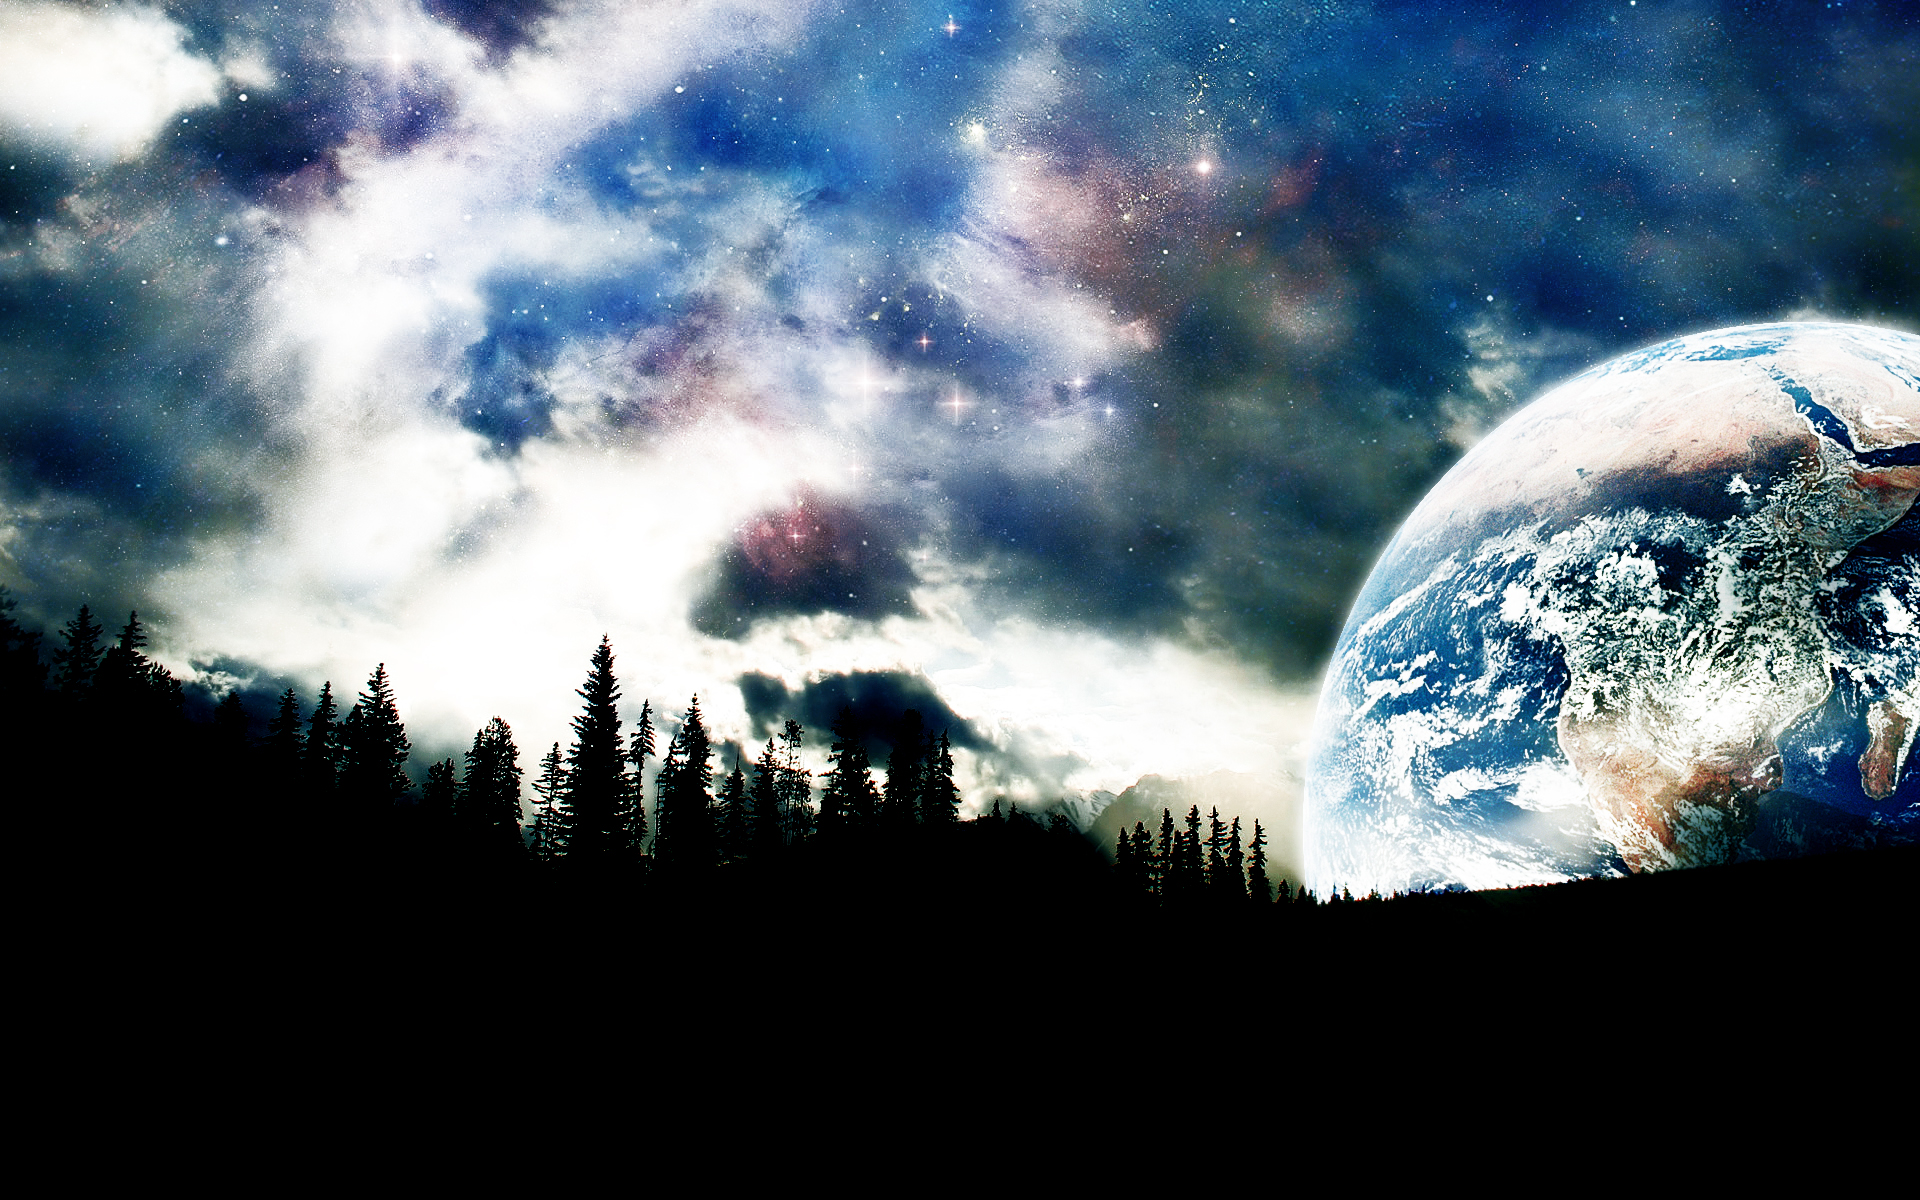 Space Fantasy Wallpaper - WallpaperSafari